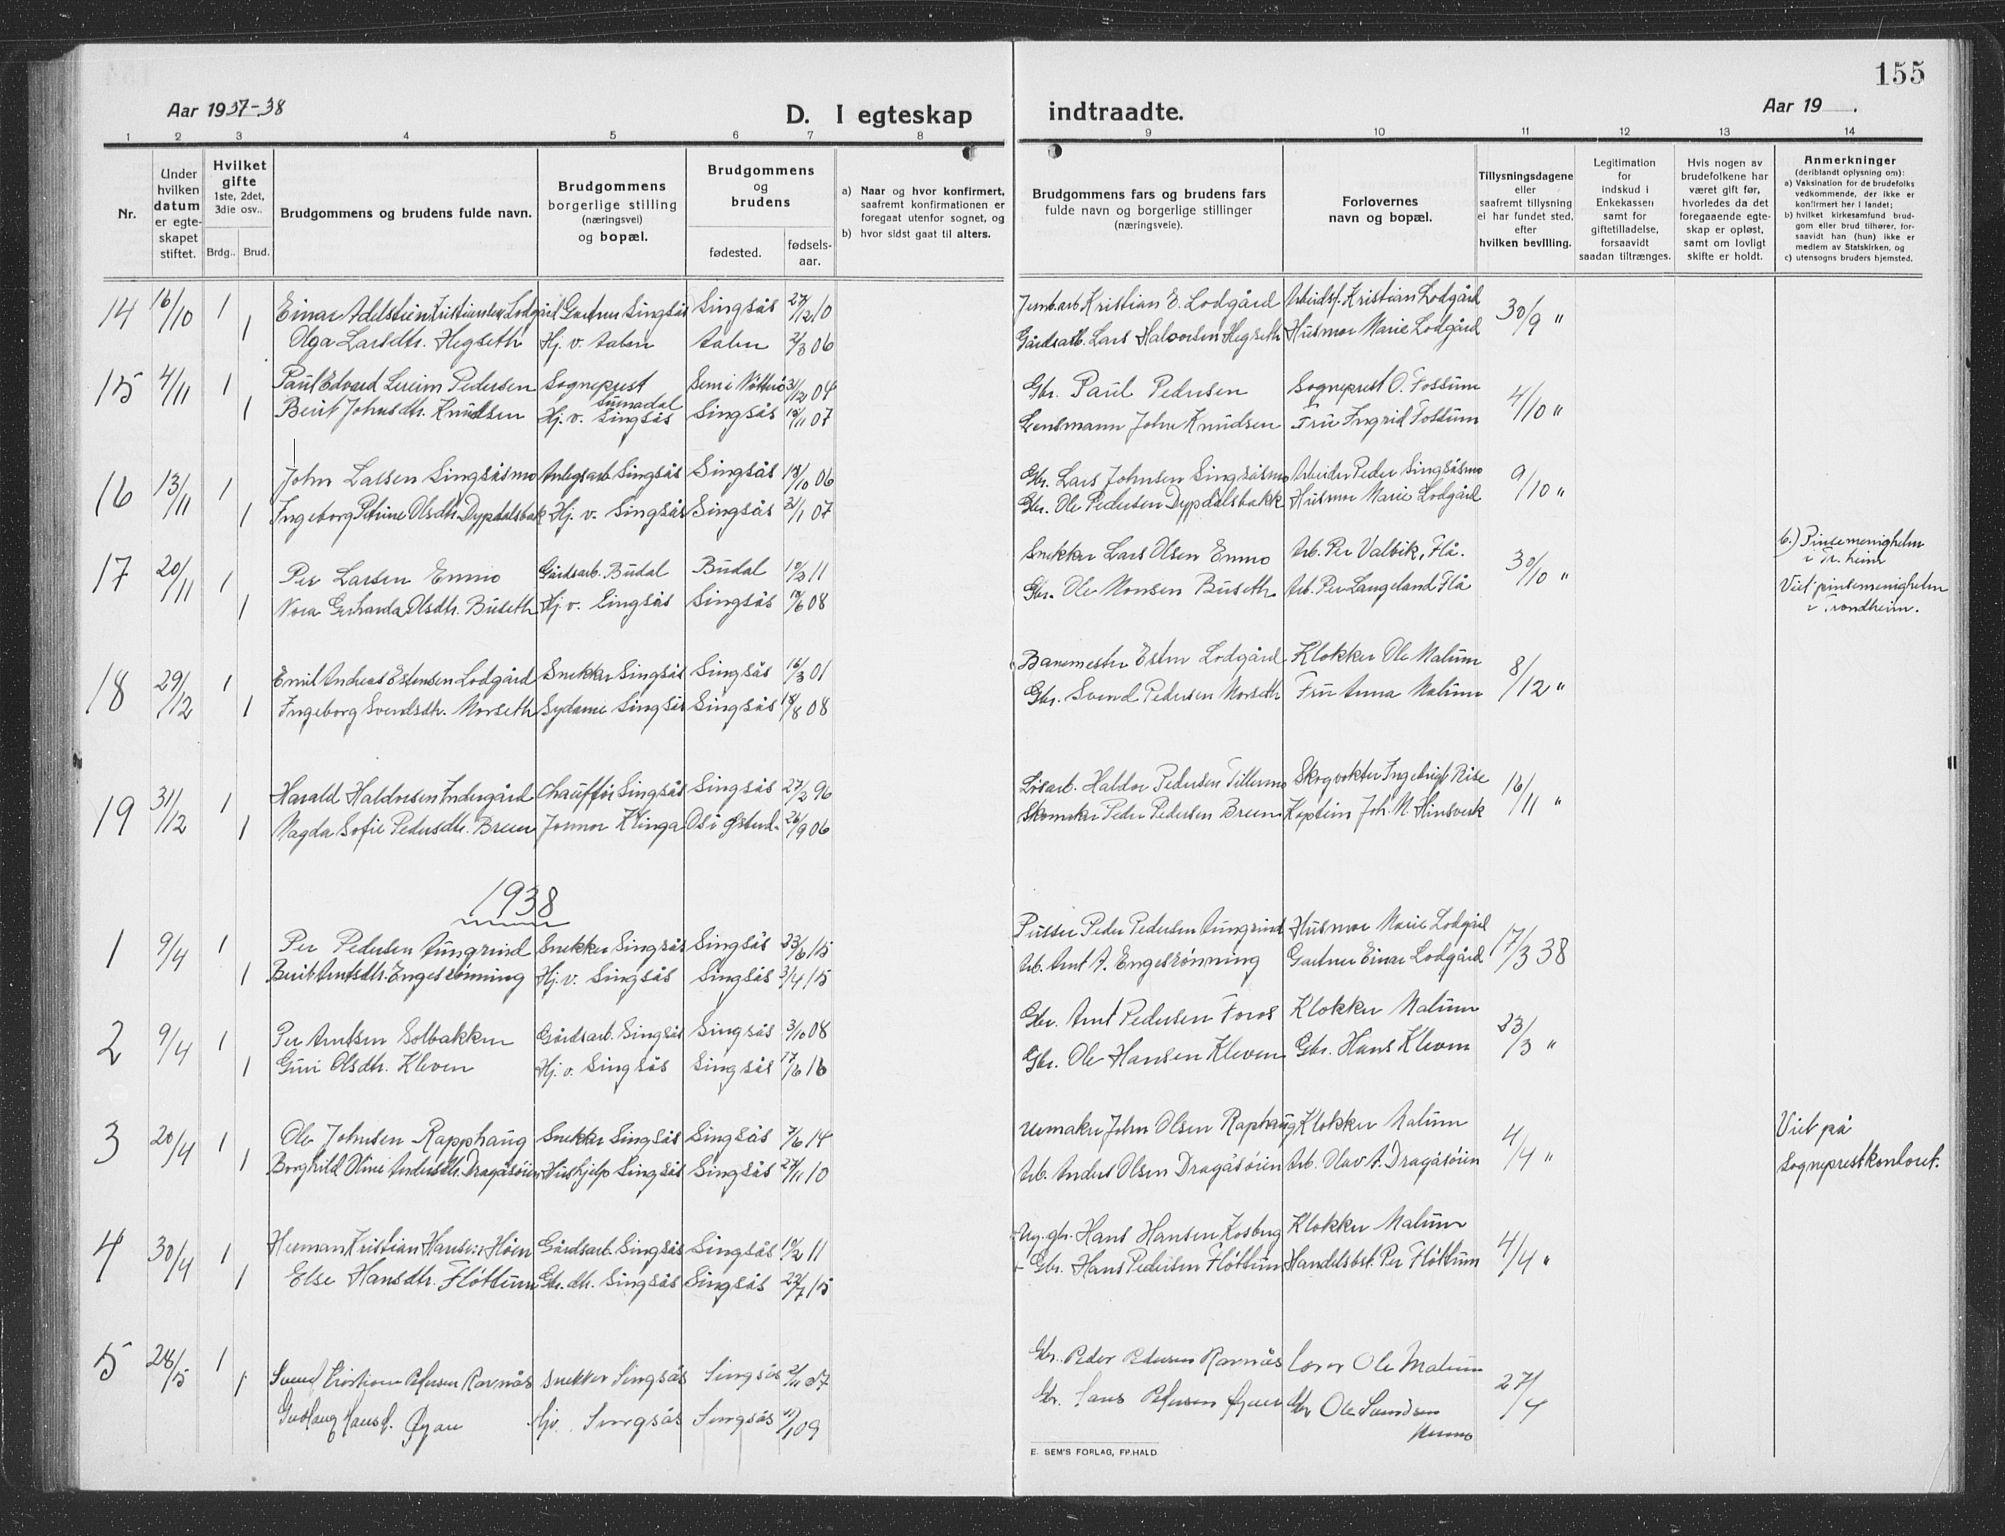 SAT, Ministerialprotokoller, klokkerbøker og fødselsregistre - Sør-Trøndelag, 688/L1030: Klokkerbok nr. 688C05, 1916-1939, s. 155